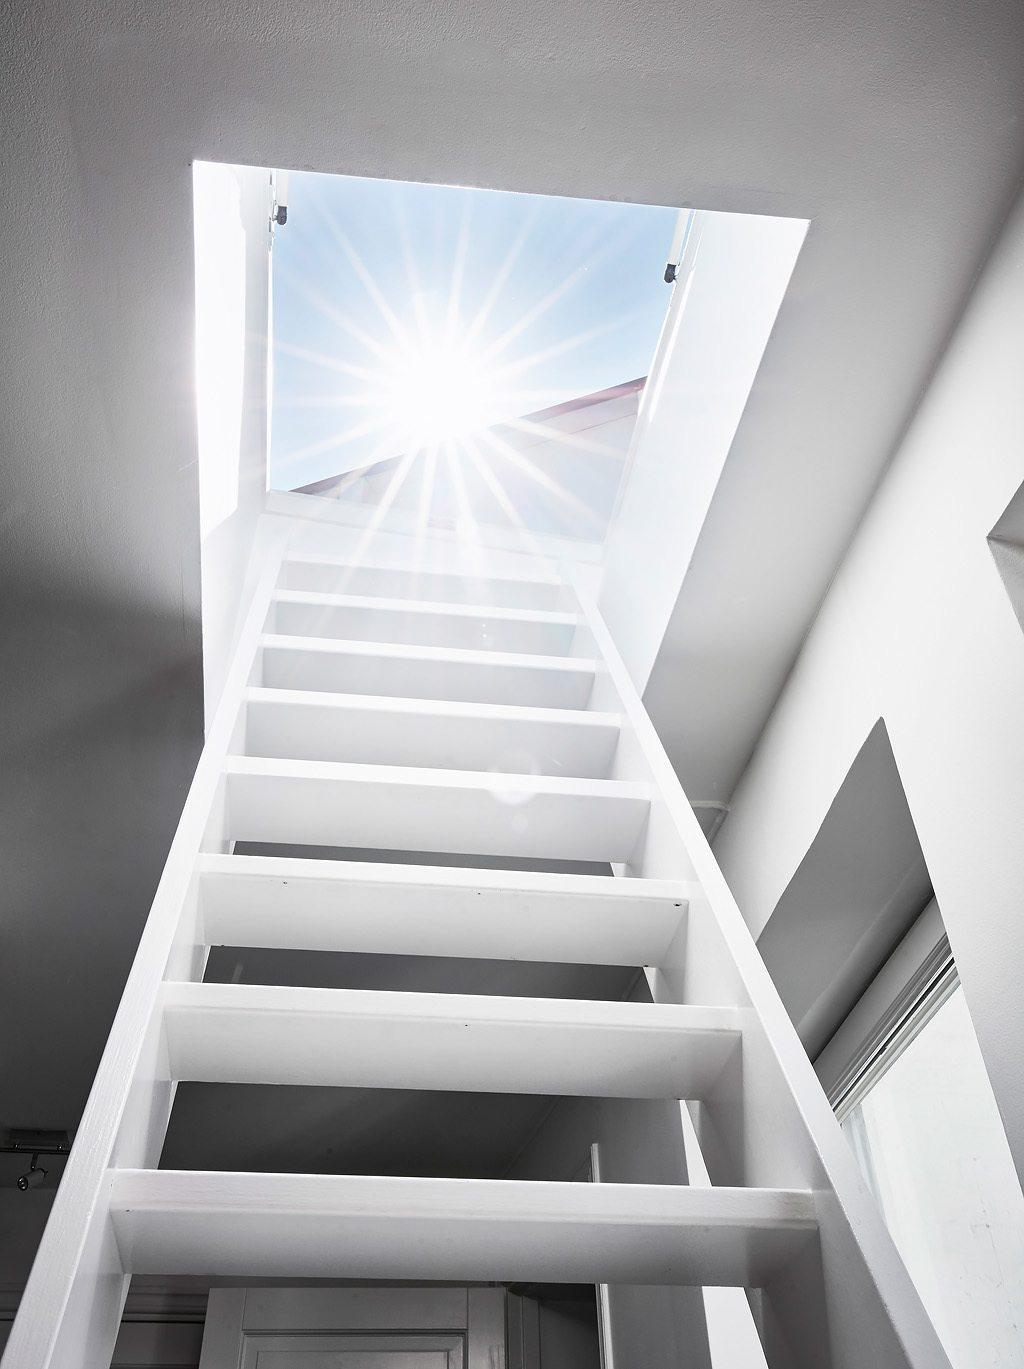 Ruim en zonnig dakterras van 40m2